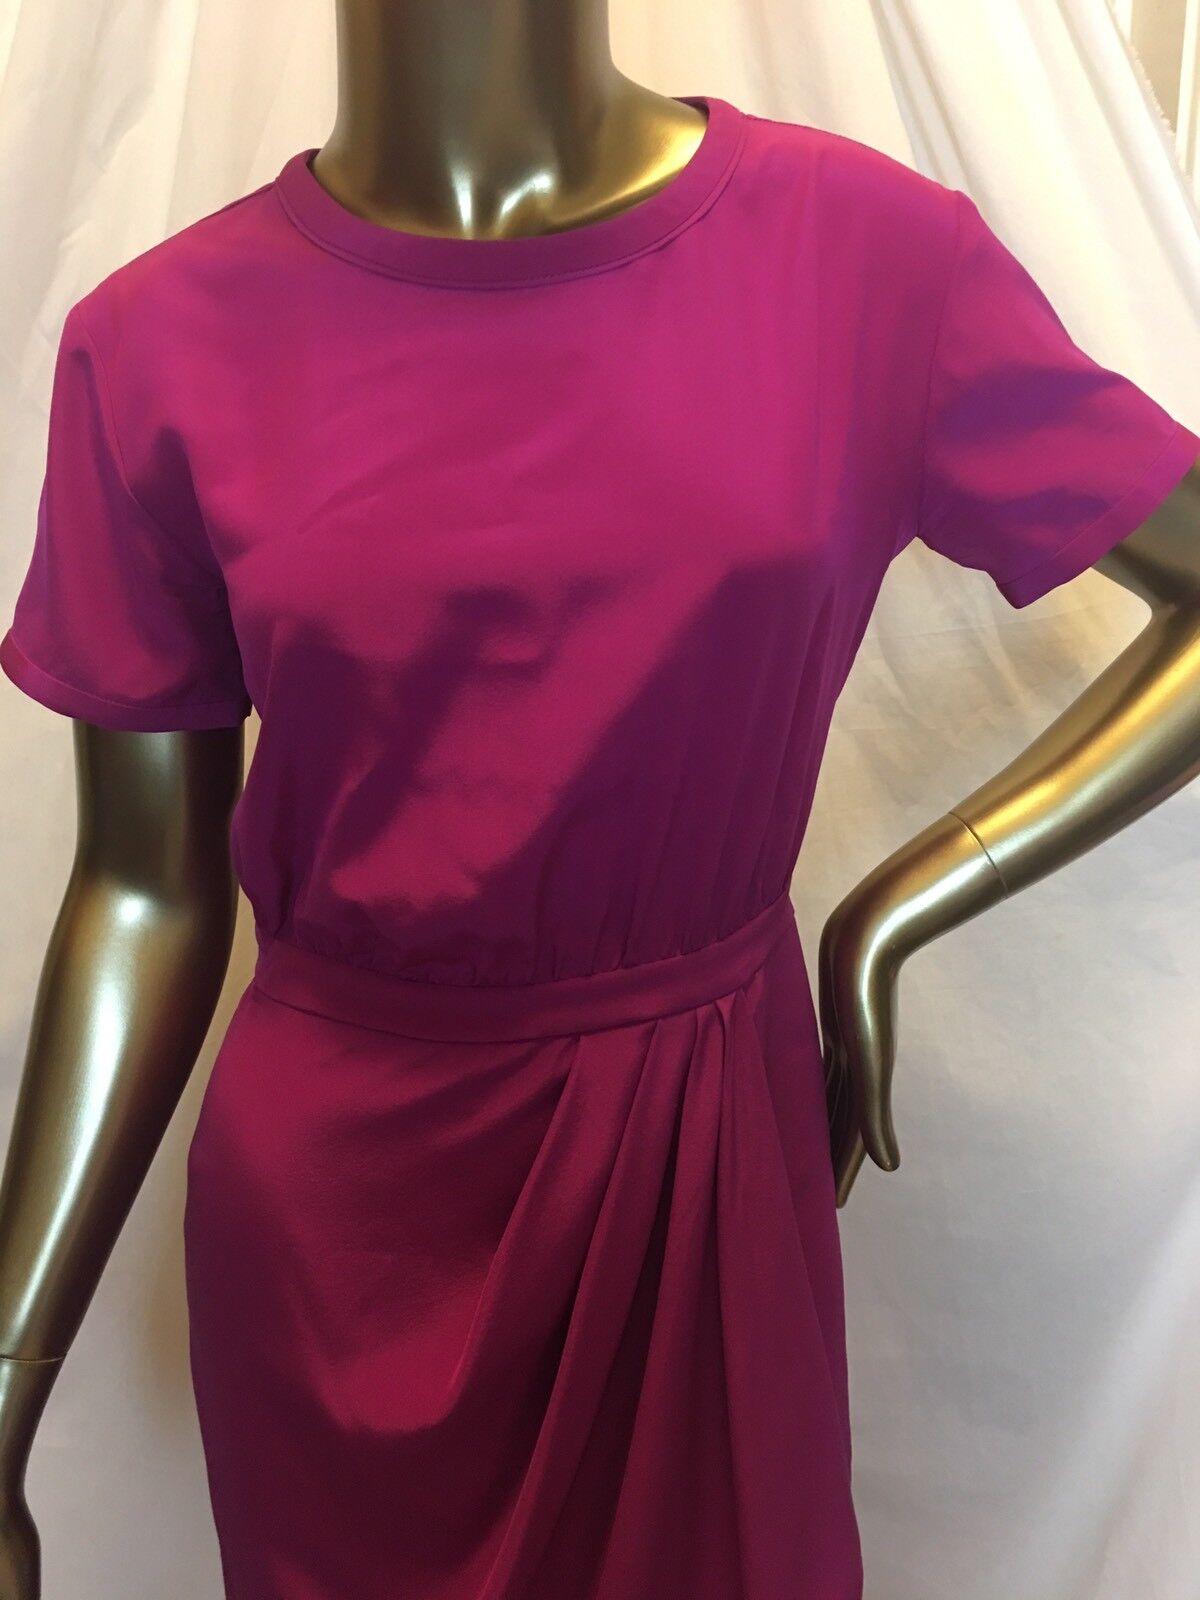 DVF DIANE VON FURSTENBERG ERYN Silk Silk Silk Pink Dress Size 2 fc344a